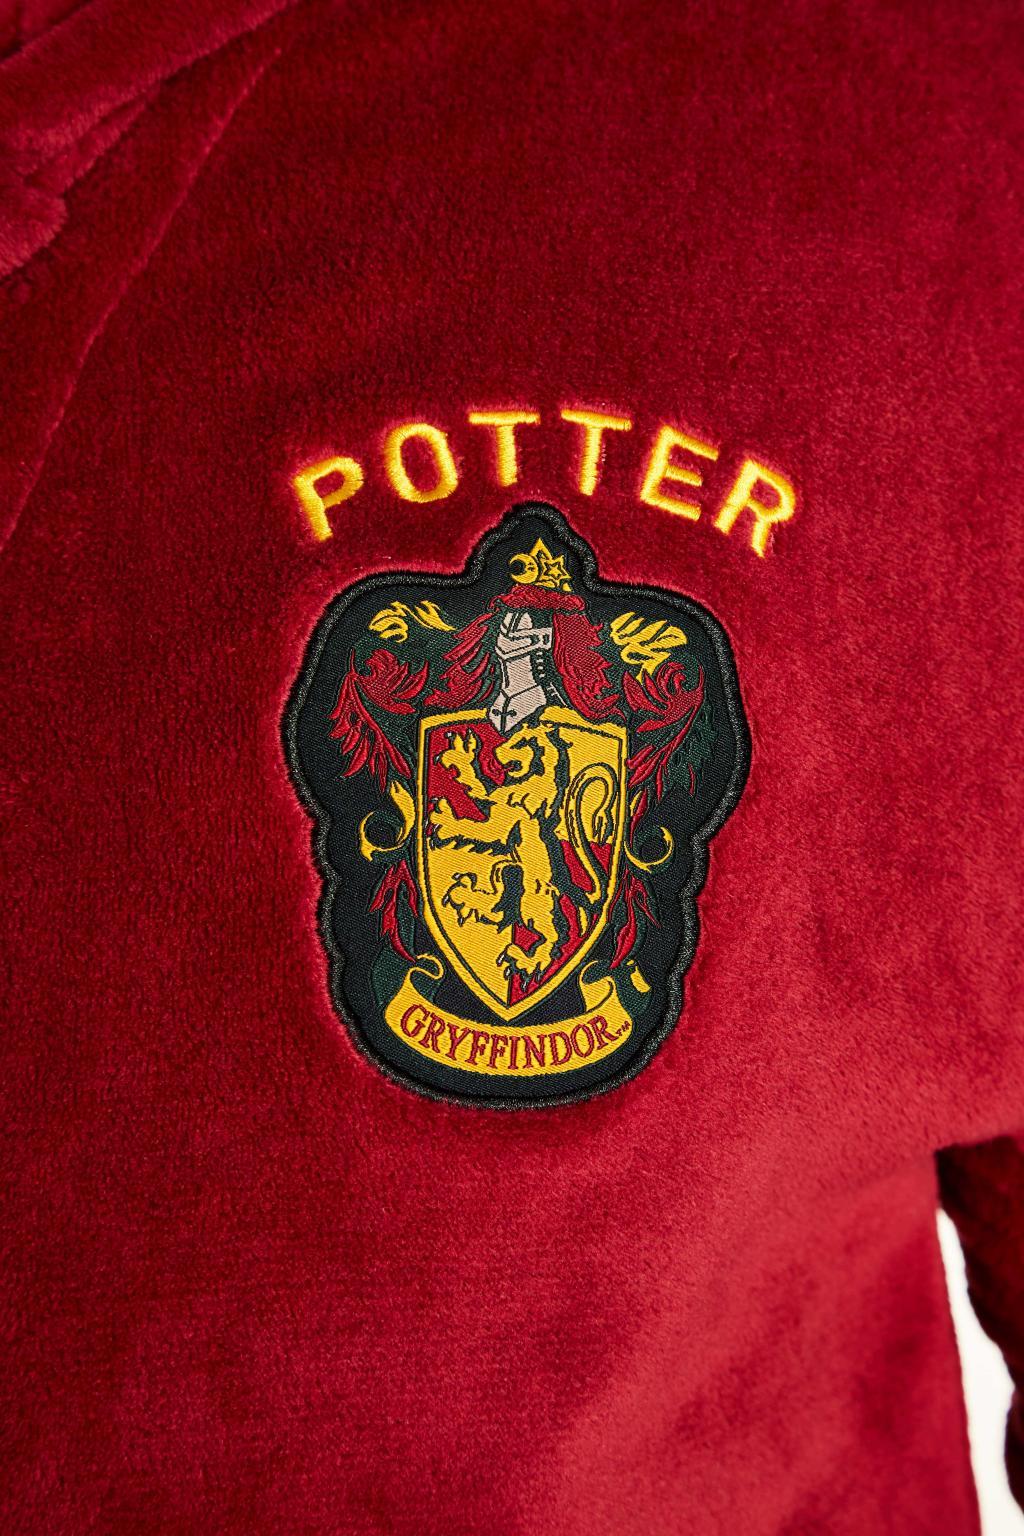 HARRY POTTER - Peignoir Homme - Quidditch - Adulte - Taille Unique_3